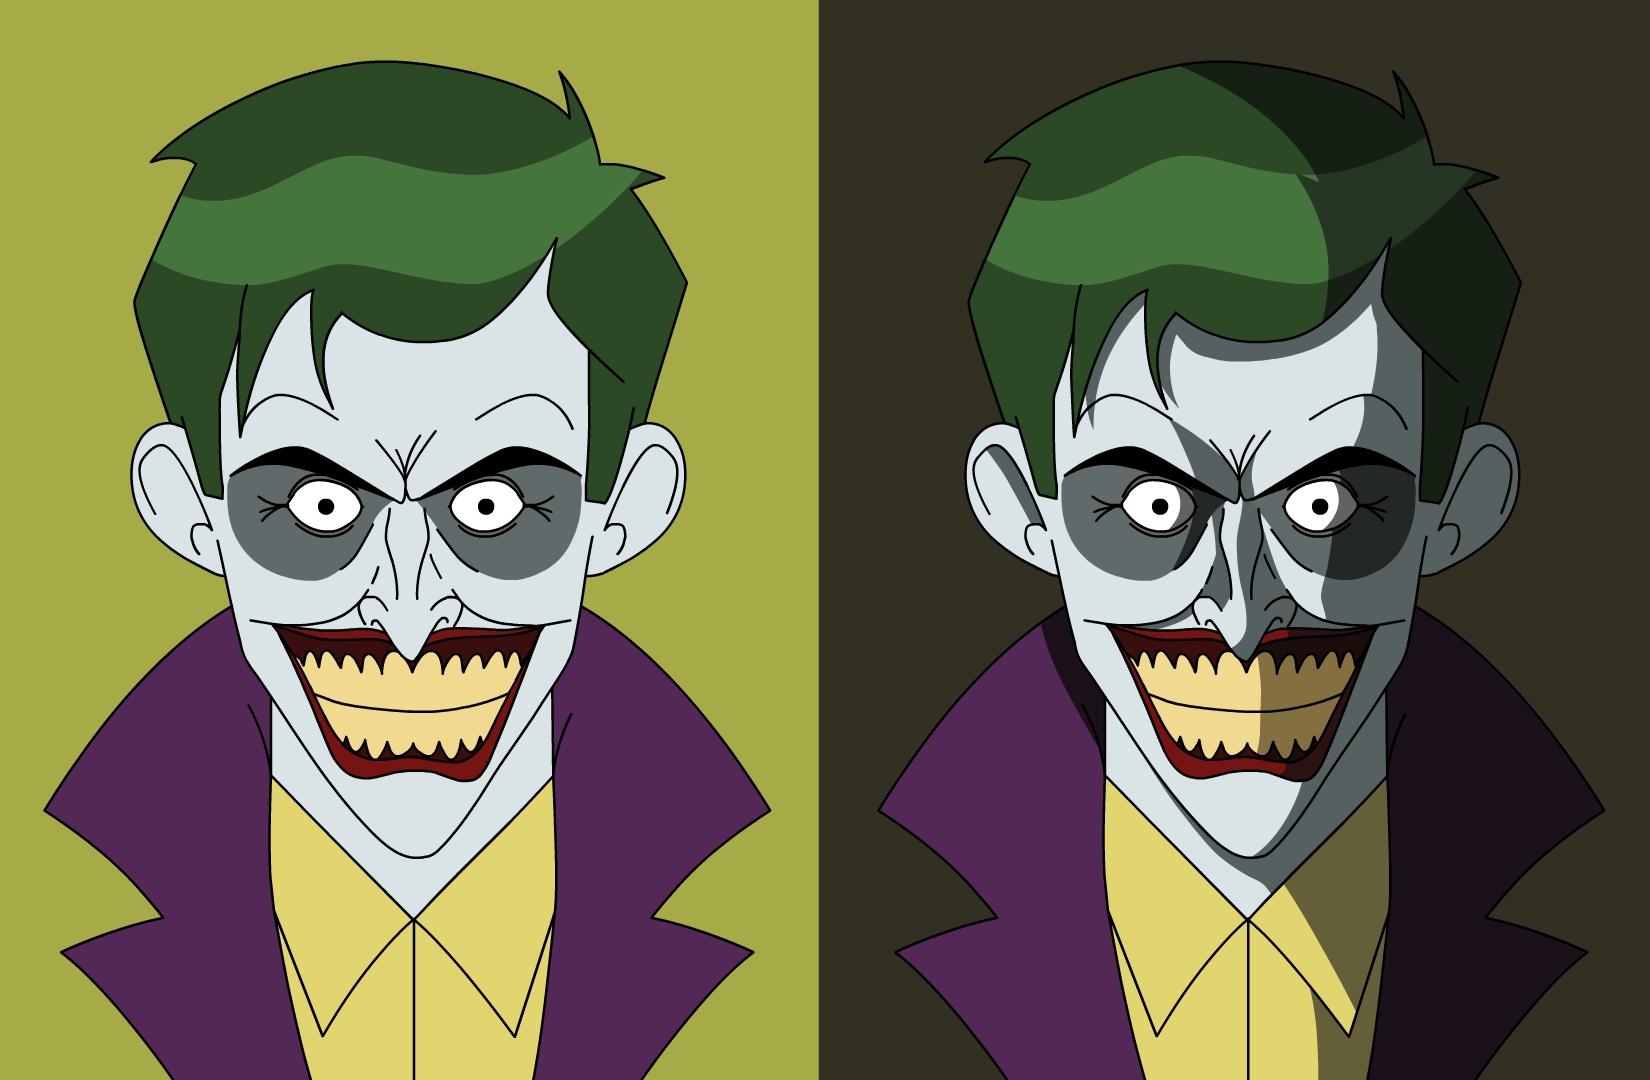 Cartoon-styled 'Killing Joke' Joker